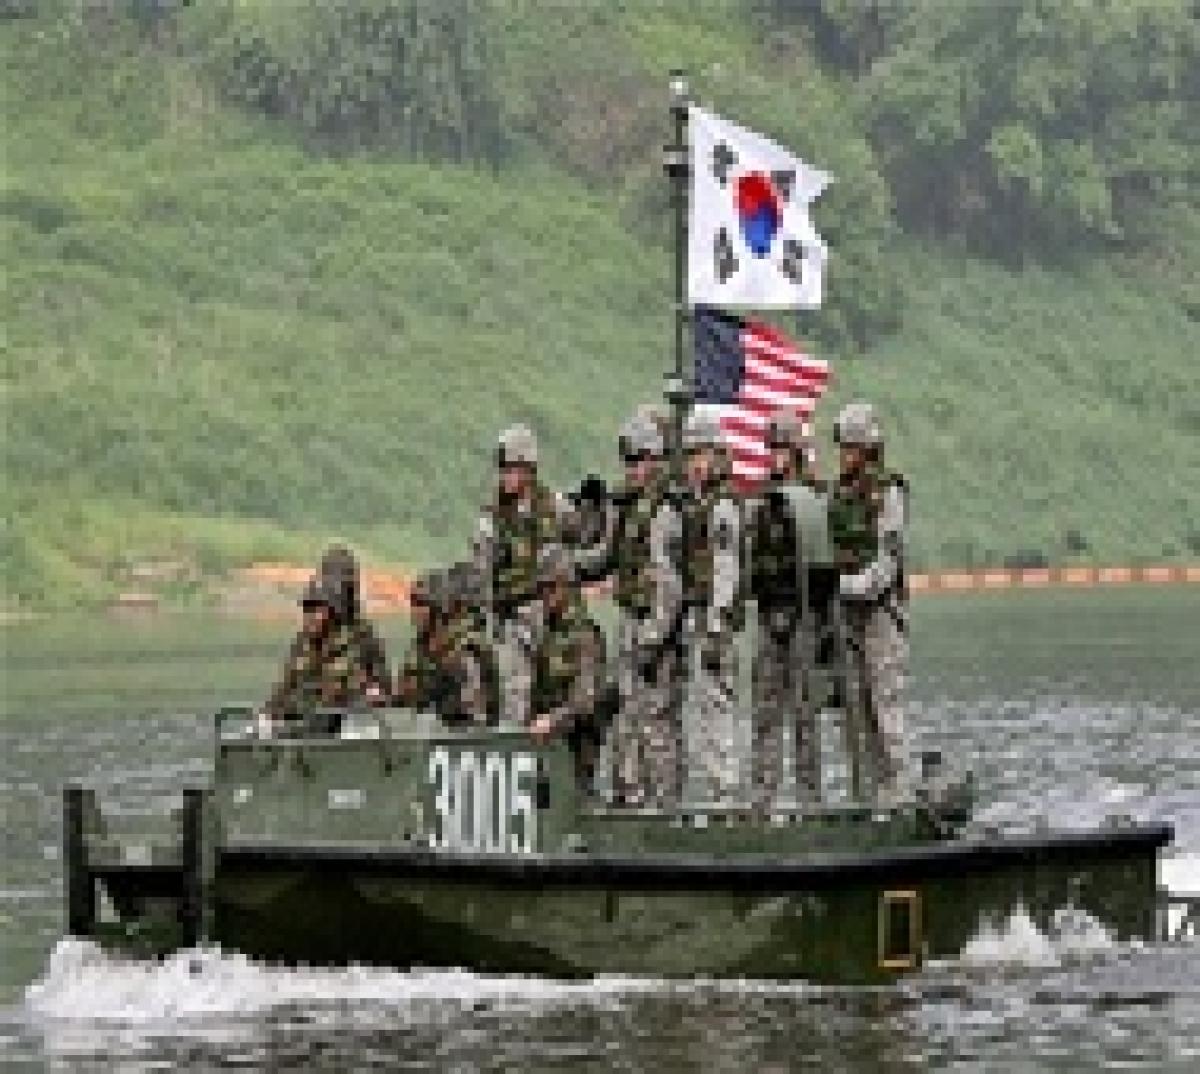 Seoul, Washington begin war games post Pyongyang rocket launch